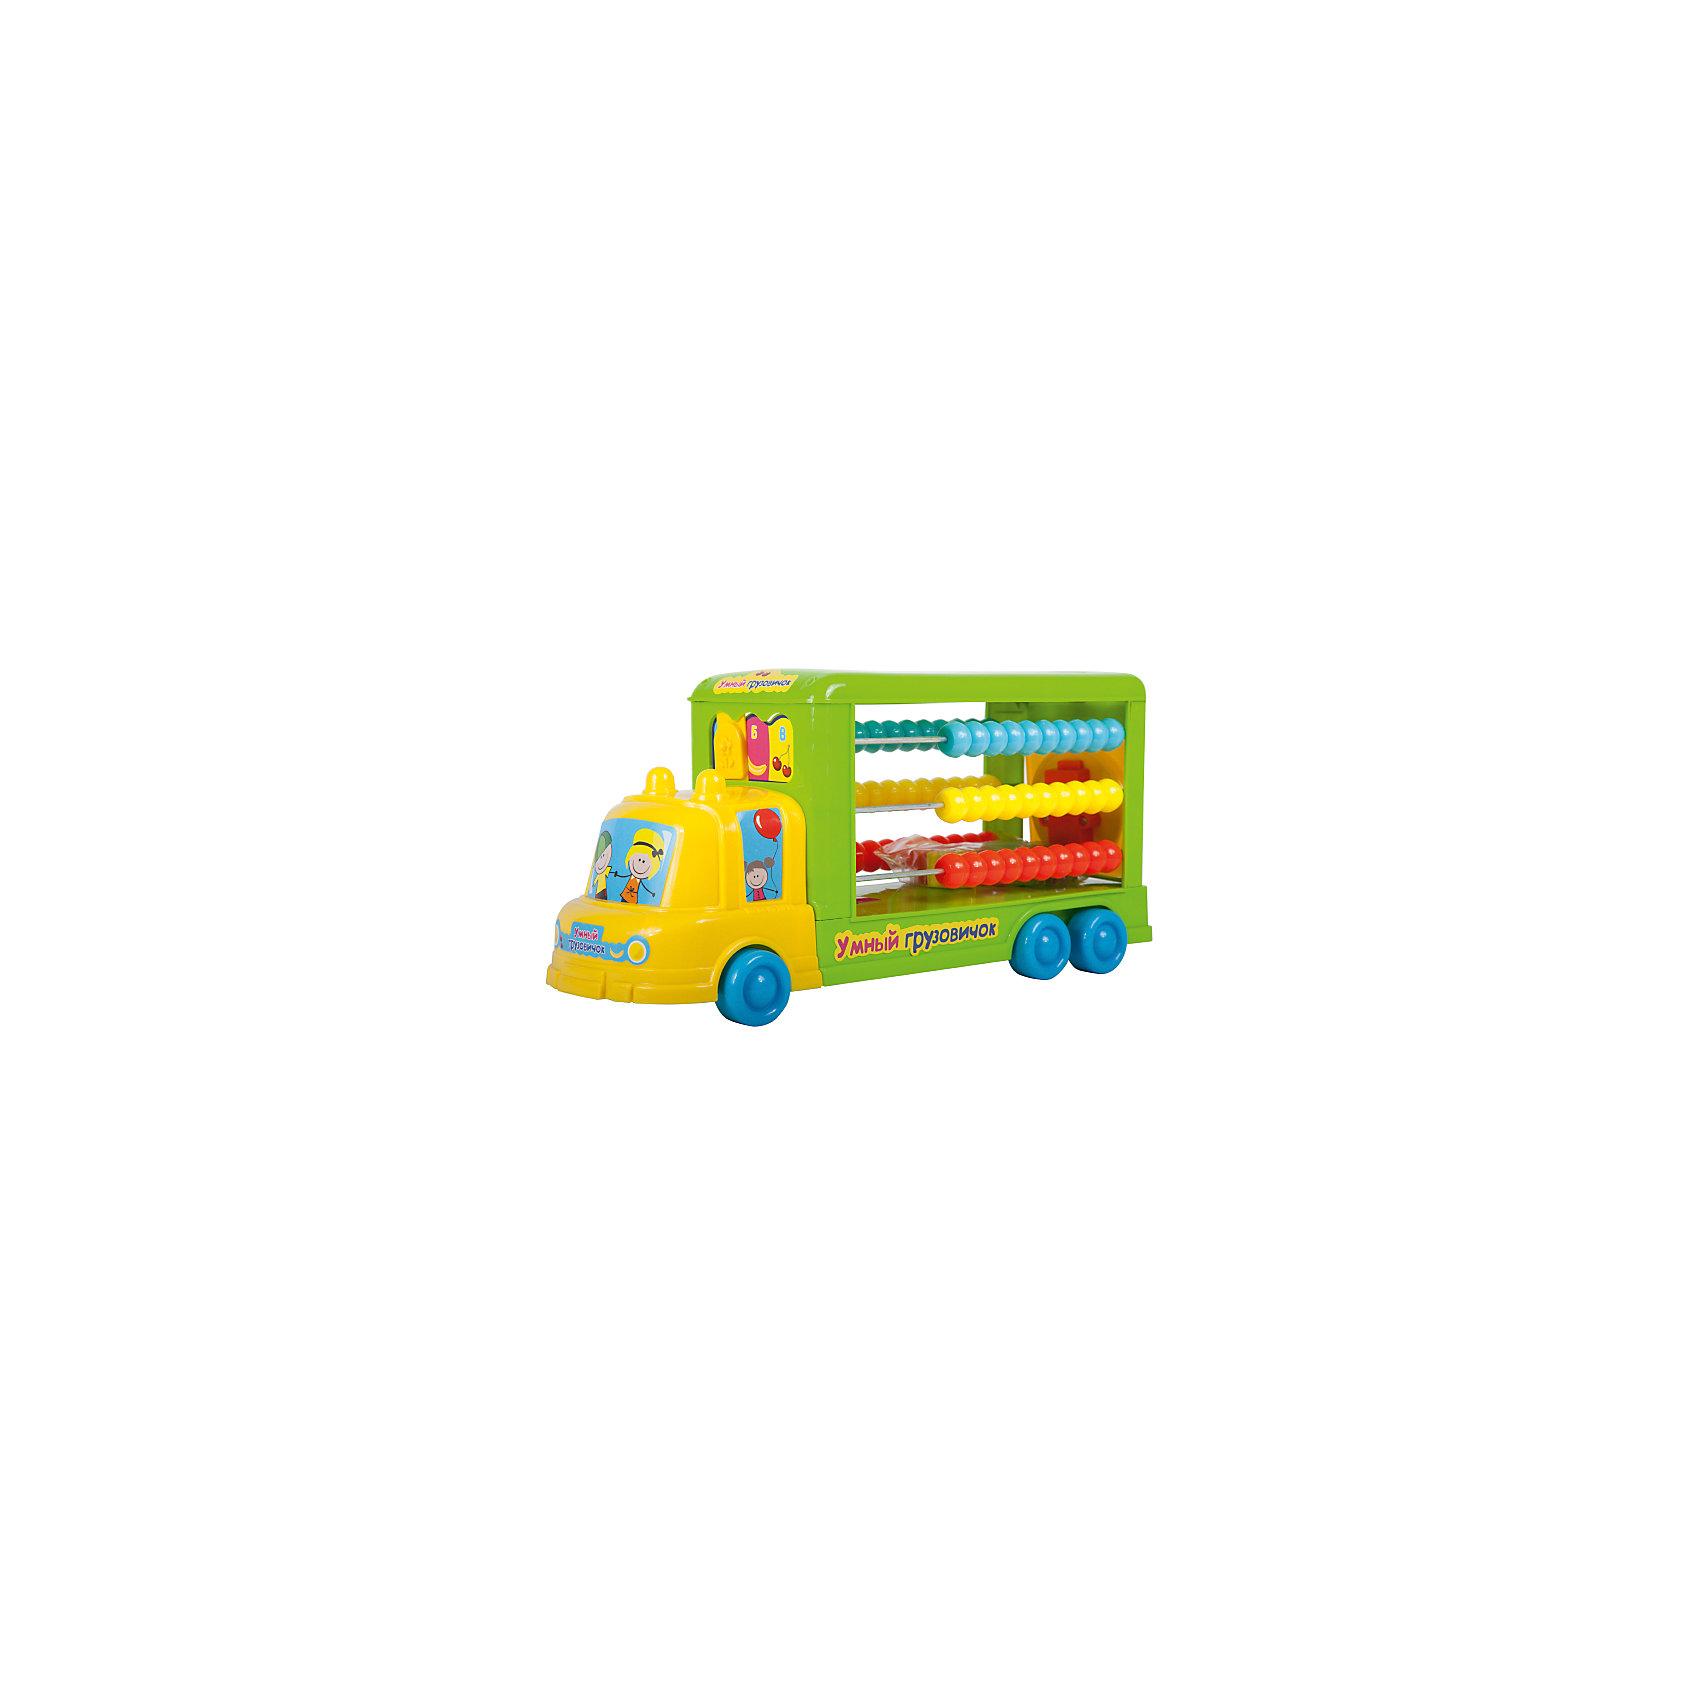 Cортер-каталка Умный грузовичок (счеты, 8 деталей), BebelotСортеры<br>Cортер-каталка Умный грузовичок (счеты, 8 деталей), Bebelot<br><br>Характеристики:<br><br>• Материал: пластик<br>• Возраст: от 3 лет<br>• Размер: 41x14x20 см<br><br>Сортер-каталка это универсальная игрушка, которая сможет с помощью игры научить ребенка цветам, счету и форме. Сзади автобуса специальное поле, в которое ребенок сможет вкладывать детали, сравнивая их по форме. Сбоку же – настоящие счеты, раскрашенные в разные цвета. А легкий ход колесиков поможет ребенку еще и вдоволь поиграть в игрушку, а не только заниматься.<br><br>Cортер-каталка Умный грузовичок (счеты, 8 деталей), Bebelot можно купить в нашем интернет-магазине.<br><br>Ширина мм: 415<br>Глубина мм: 145<br>Высота мм: 200<br>Вес г: 778<br>Возраст от месяцев: 36<br>Возраст до месяцев: 72<br>Пол: Унисекс<br>Возраст: Детский<br>SKU: 4779841